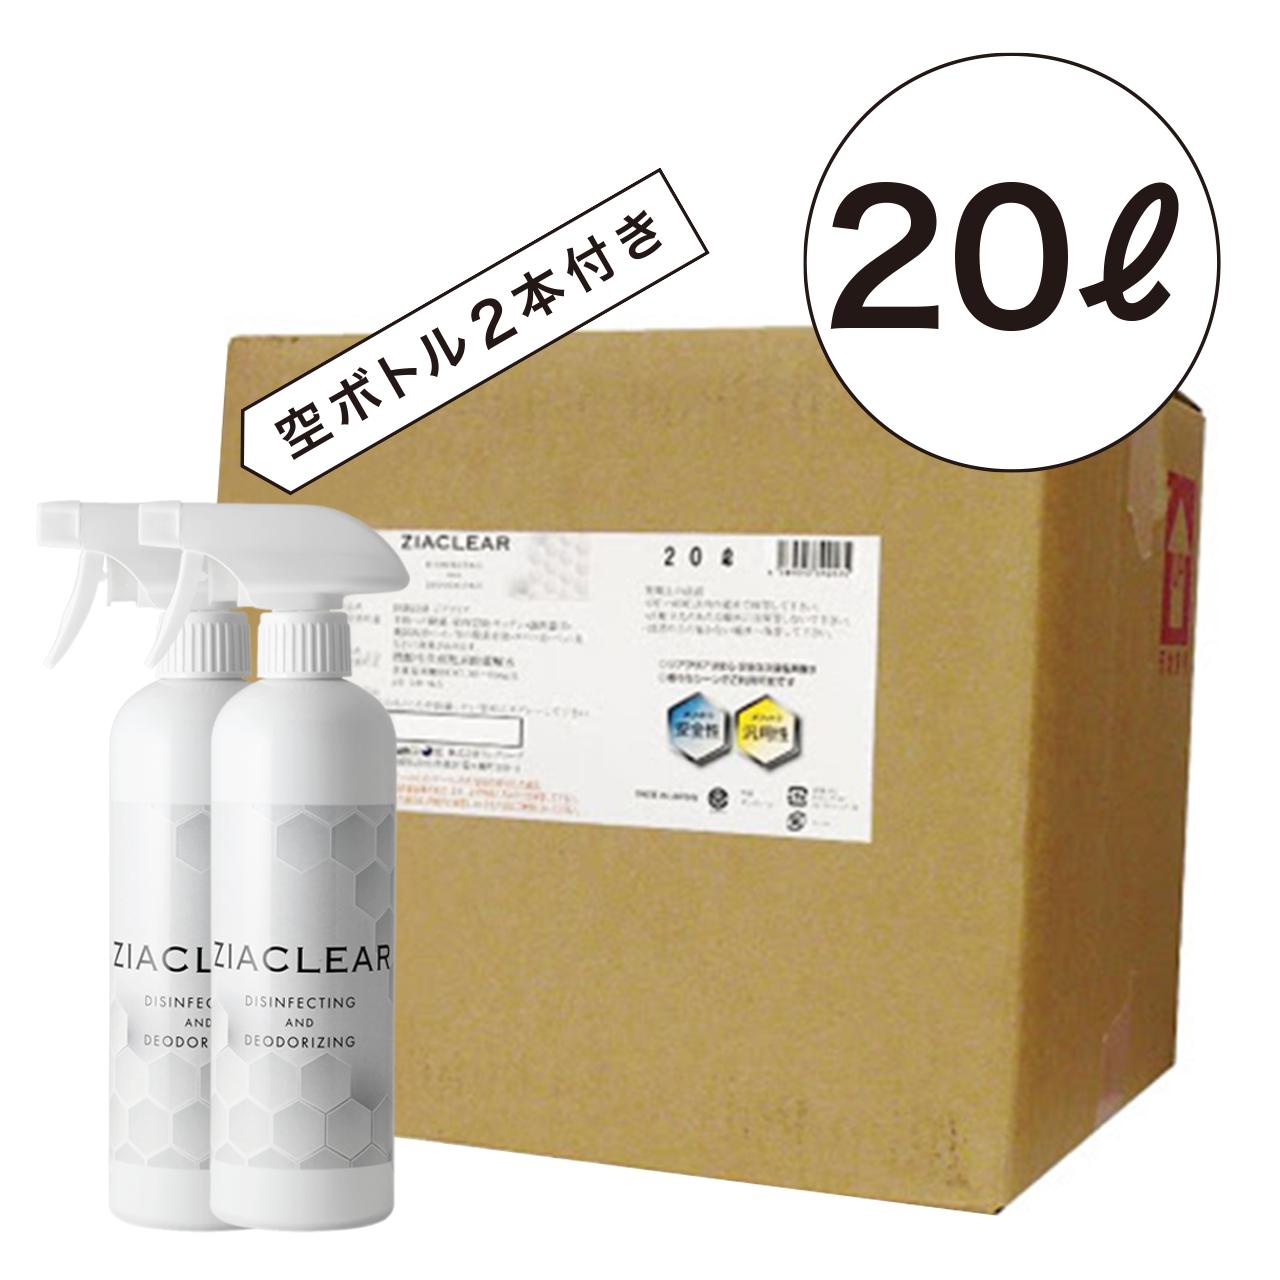 次亜塩素酸水 除菌 消臭「ジアクリア」20リットル バロンボックス